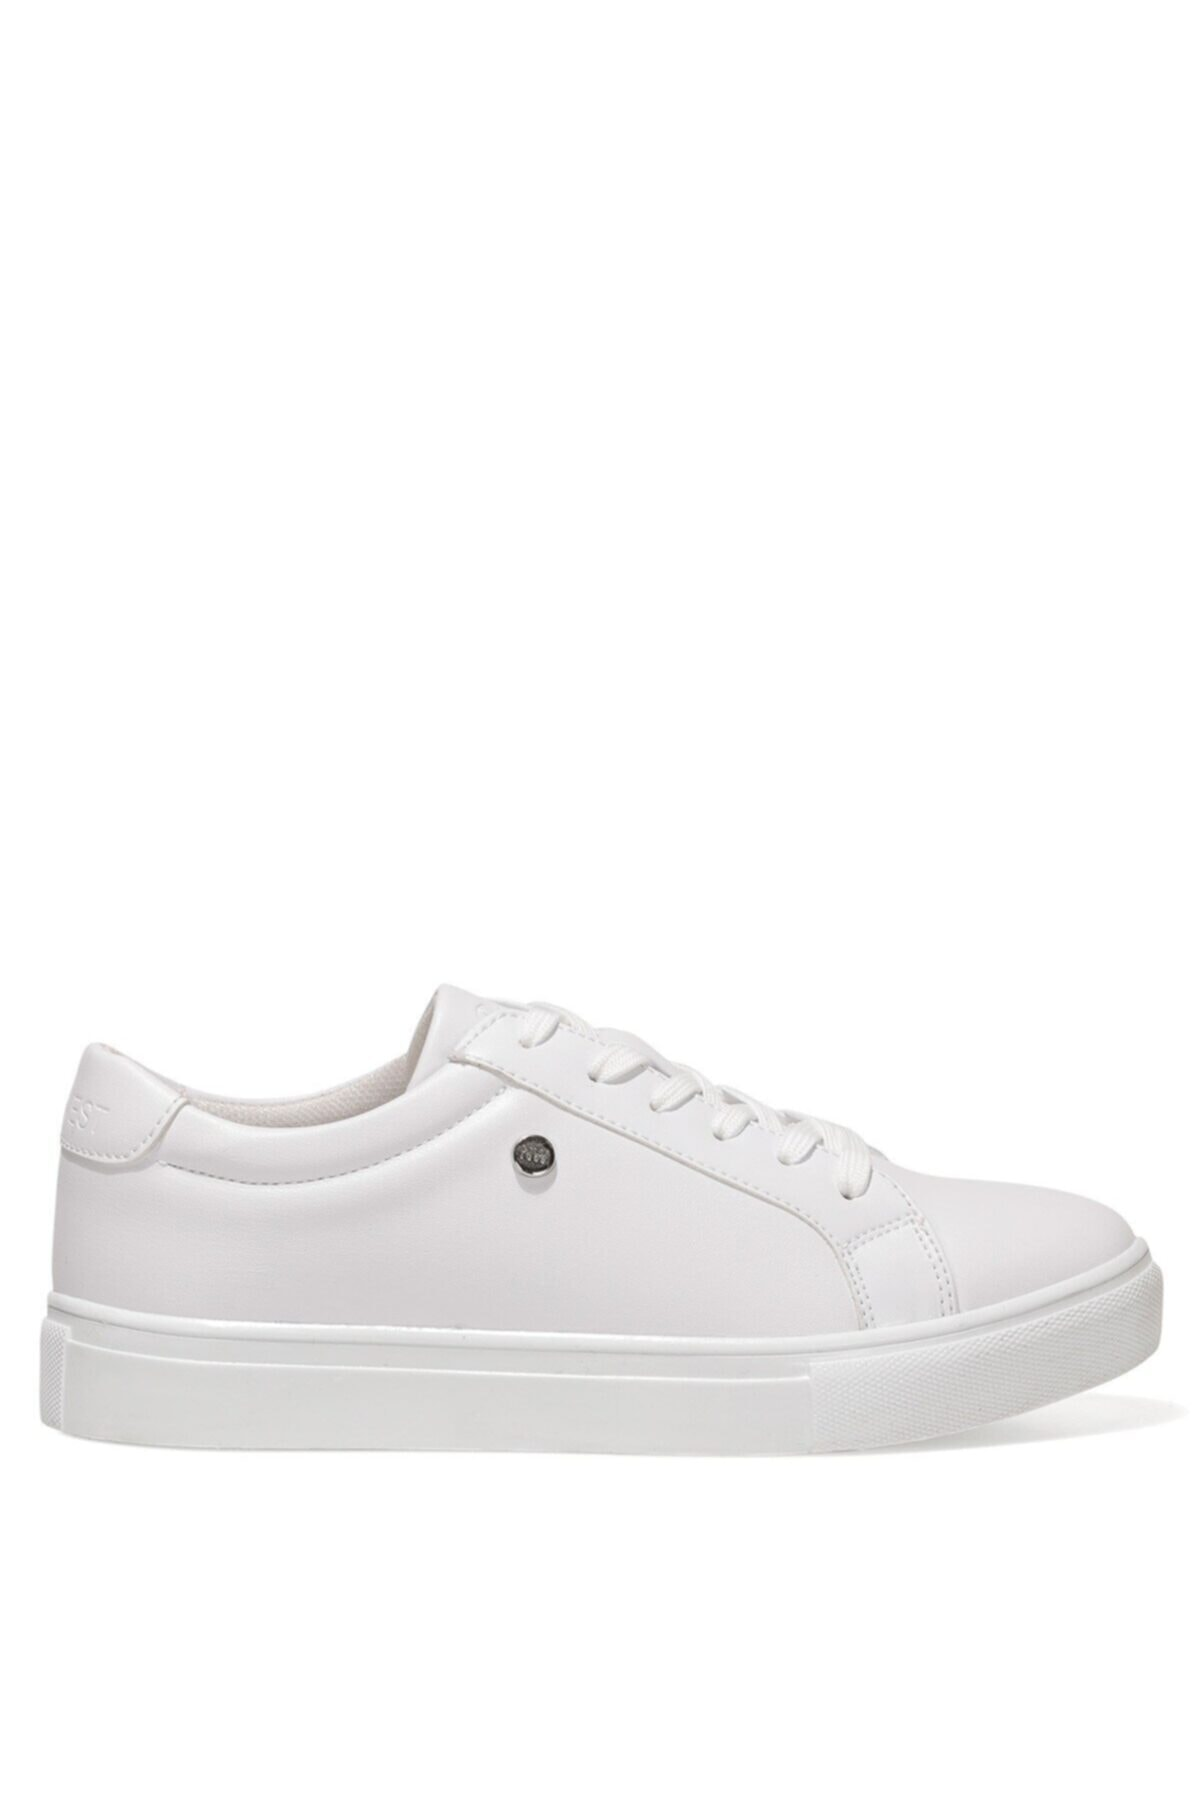 Amelıa2 1fx Beyaz Kadın Spor Ayakkabı